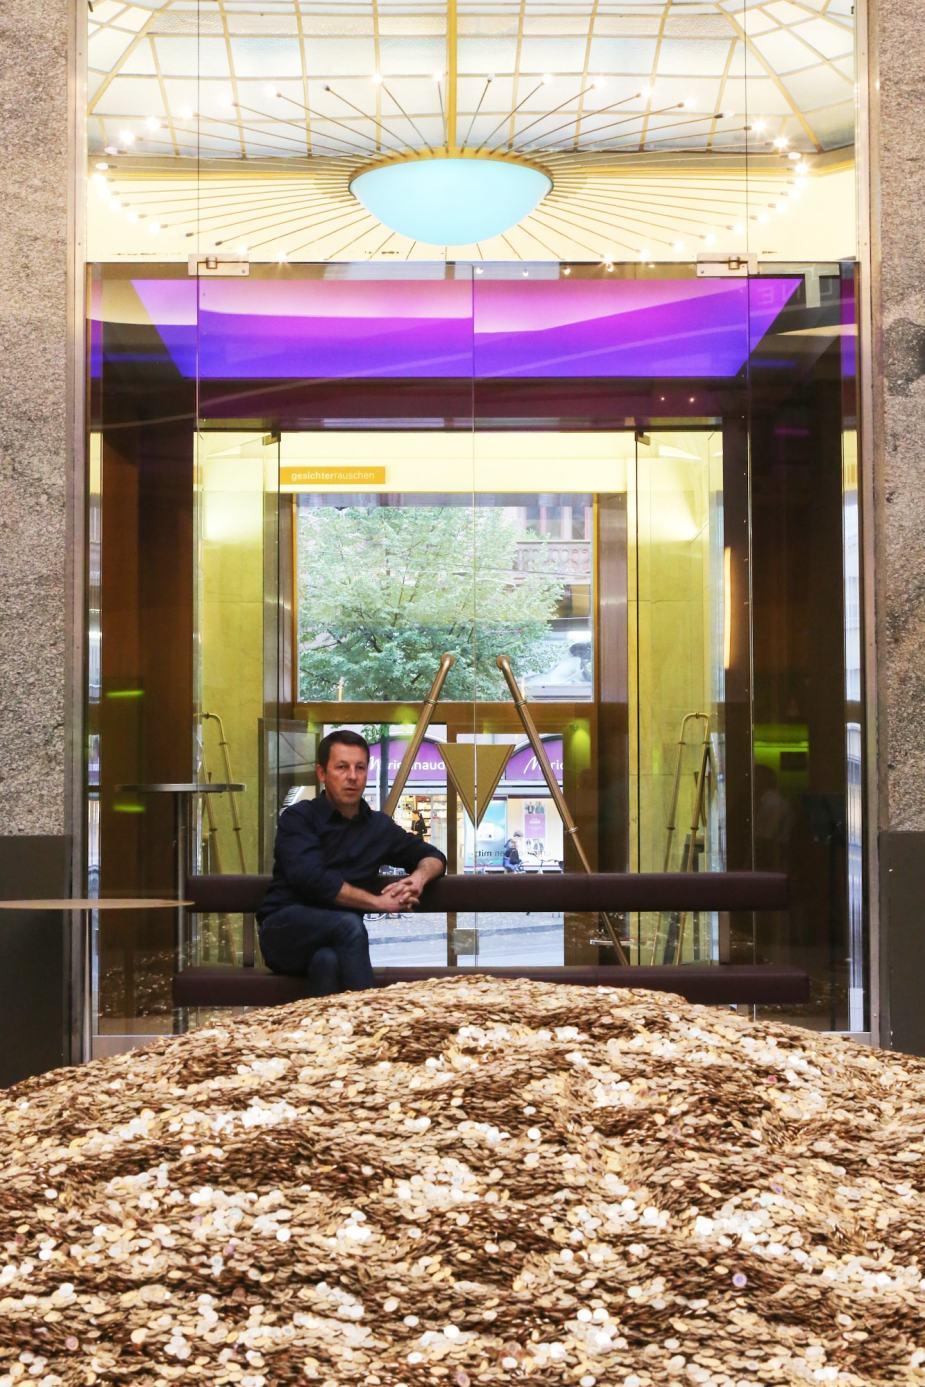 Geld für alle? Daniel Häni vor einem Berg aus Münzen im Kaffeehaus unternehmen mitte in Basel.